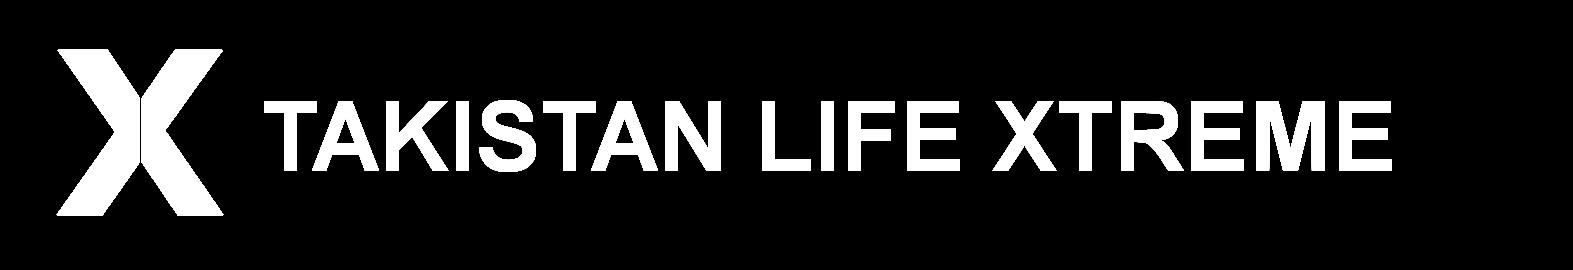 Takistan Life Xtreme